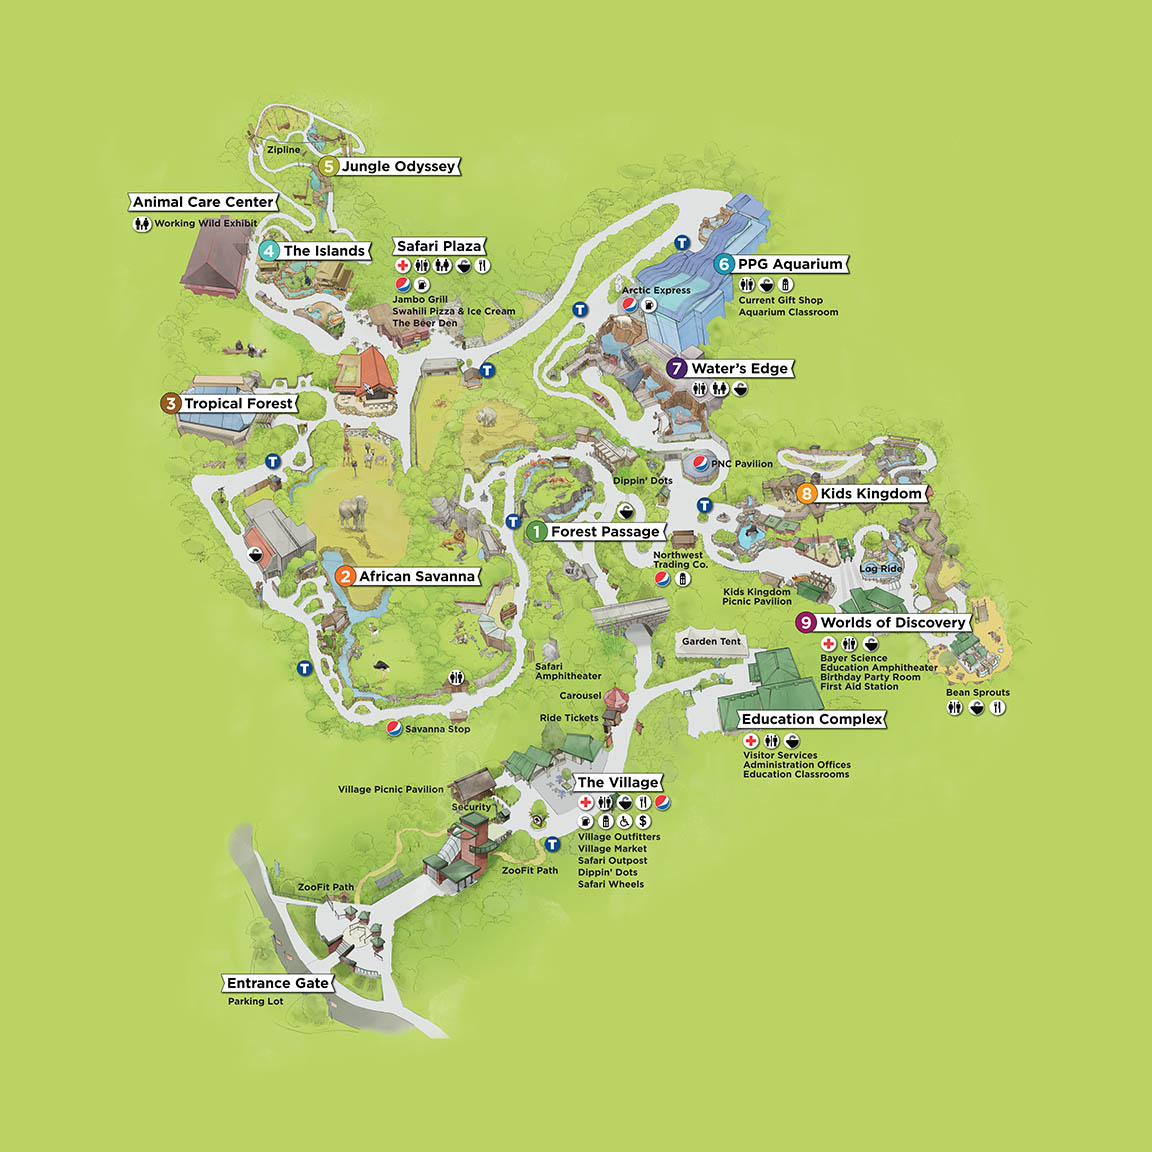 Map Pittsburgh Zoo Amp Ppg Aquarium